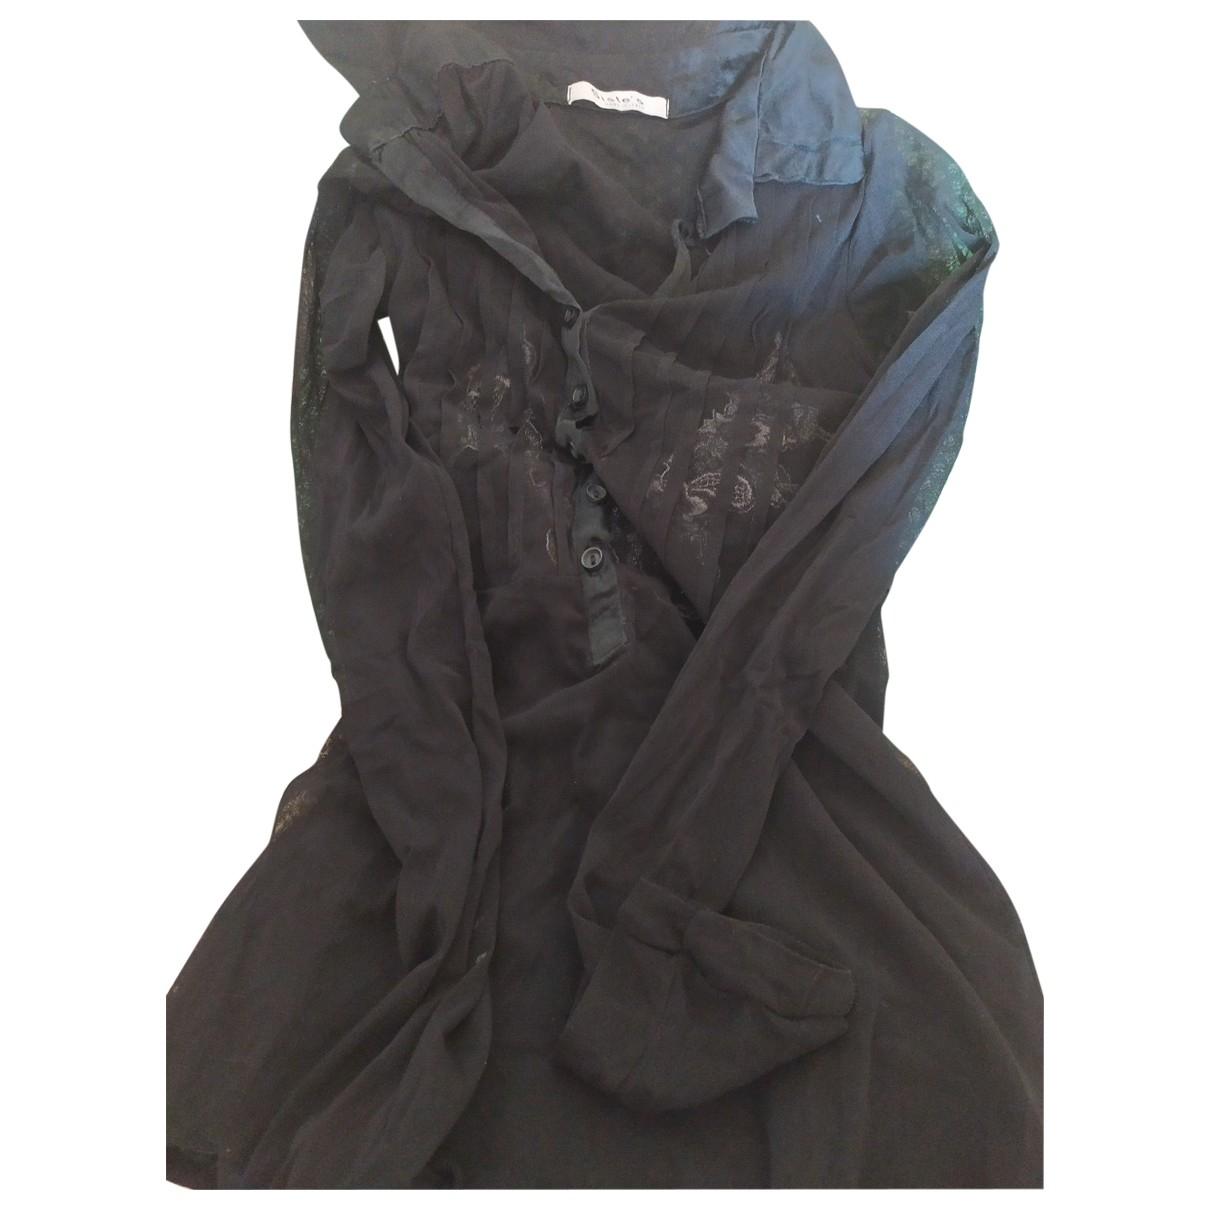 Sistes \N Black Knitwear for Women One Size IT